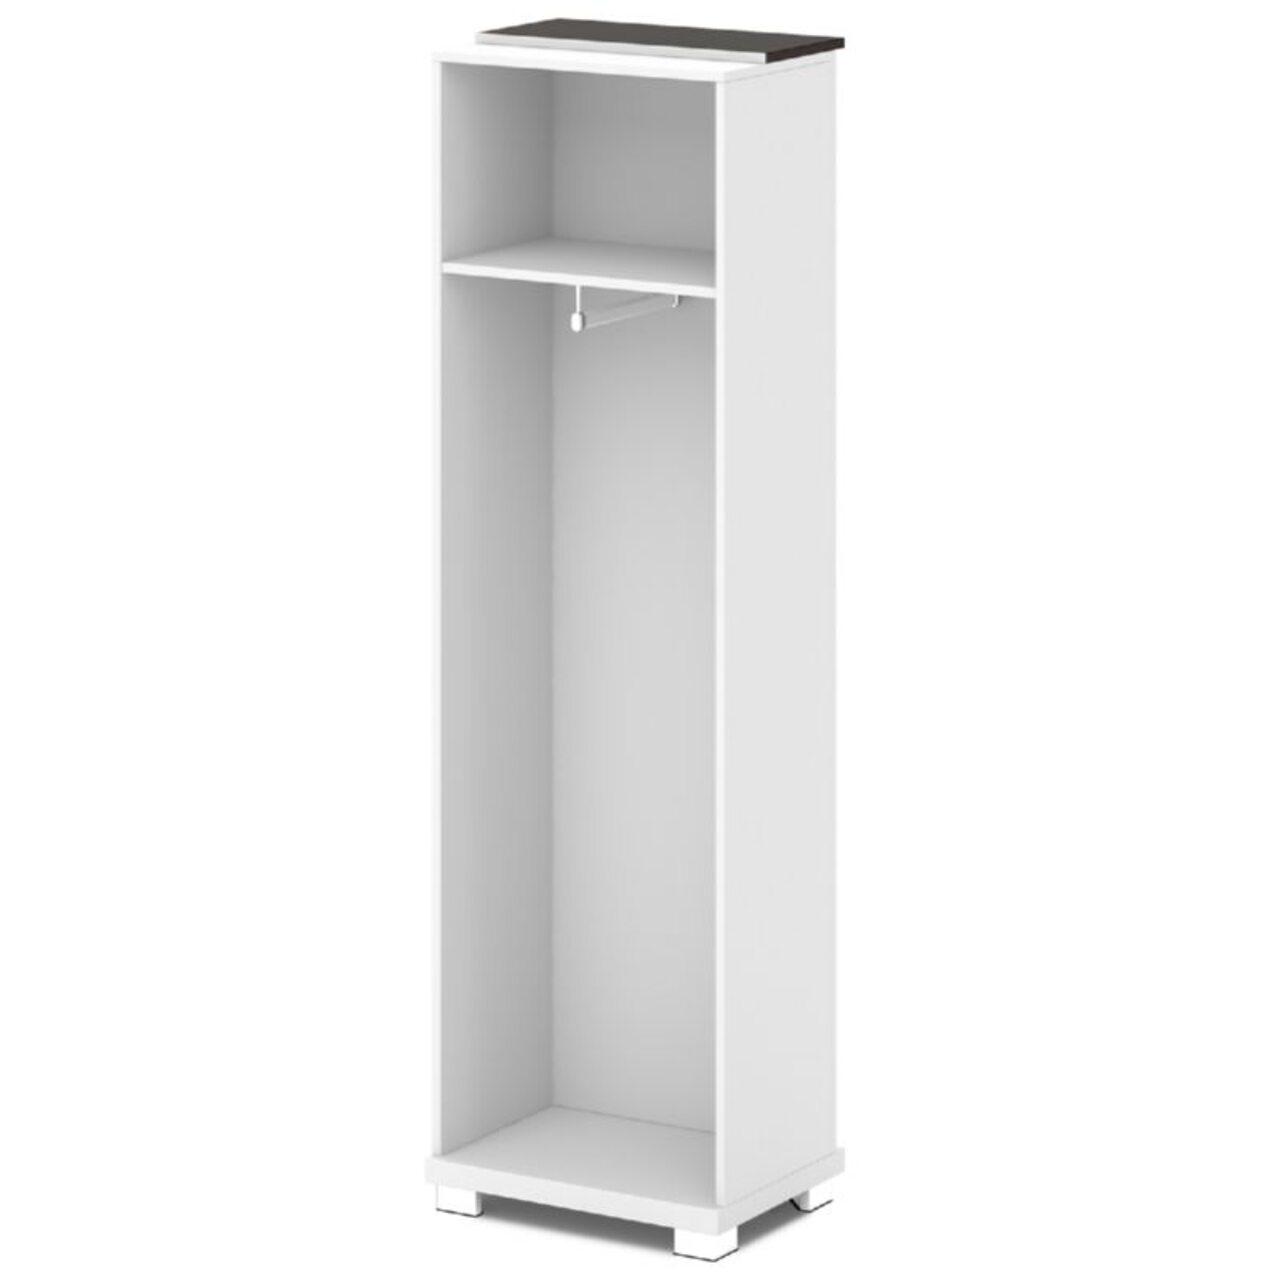 Каркас шкафа для одежды центральный - фото 5